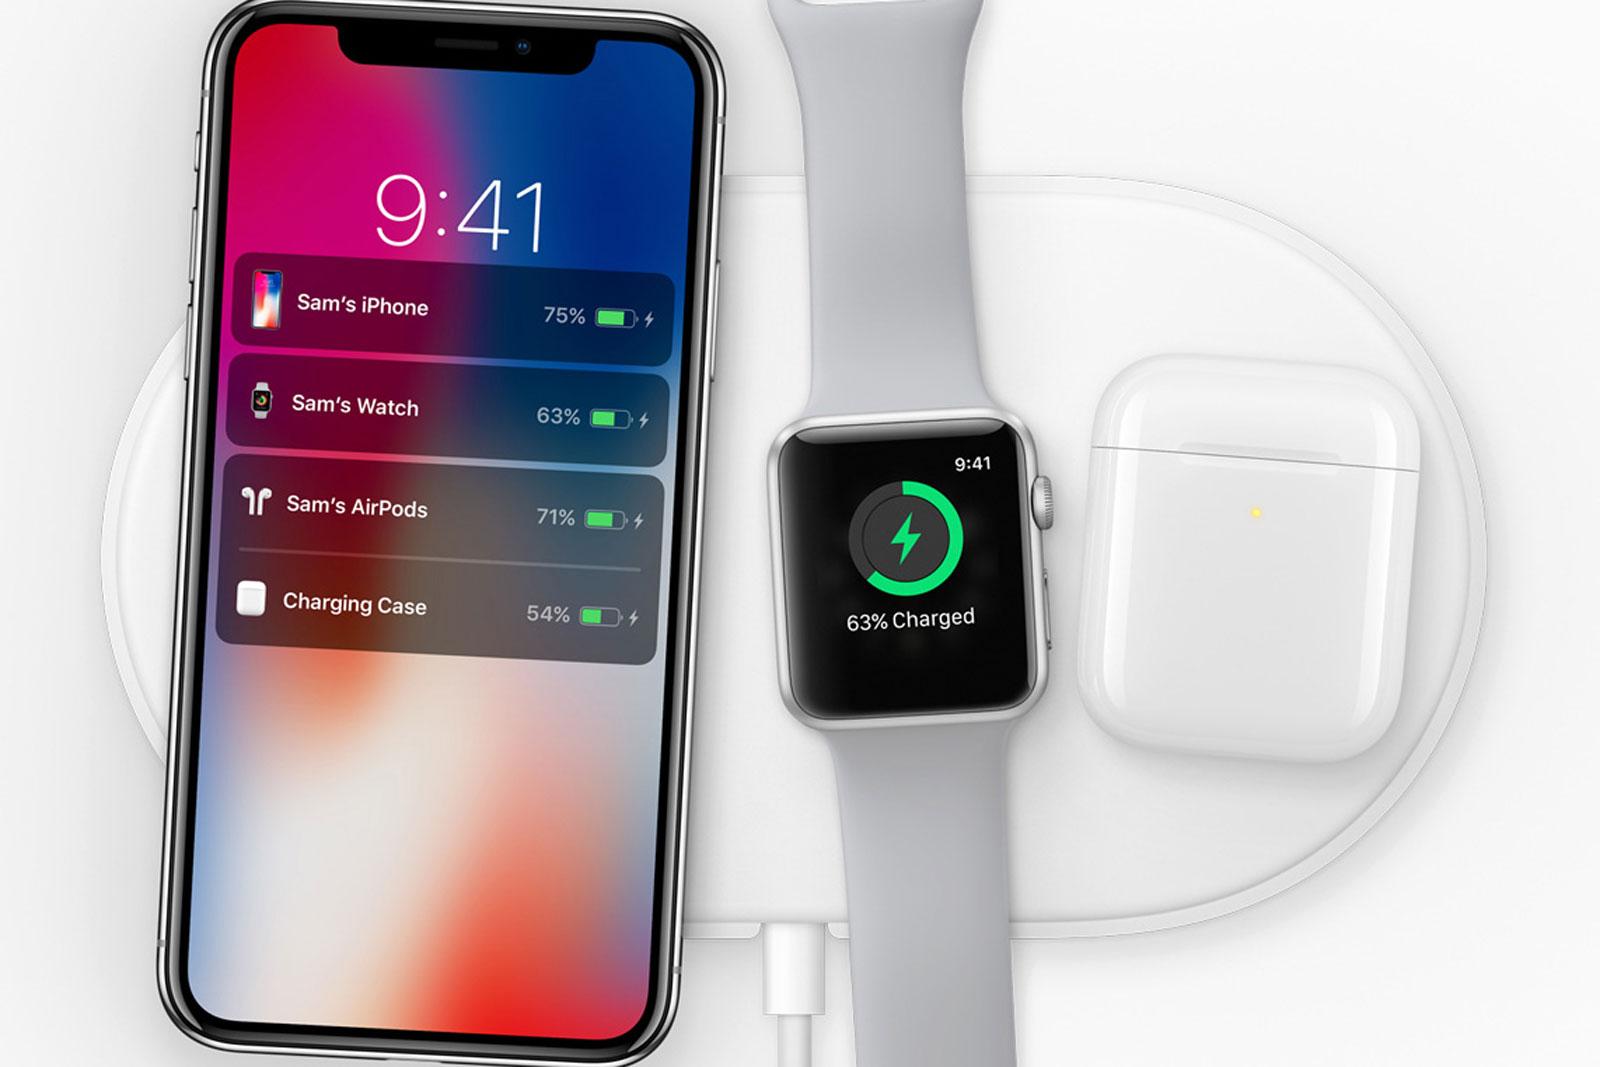 ผลิตภัณฑ์ที่คาดหวังว่าจะได้เห็นจาก Apple ในปี 2019